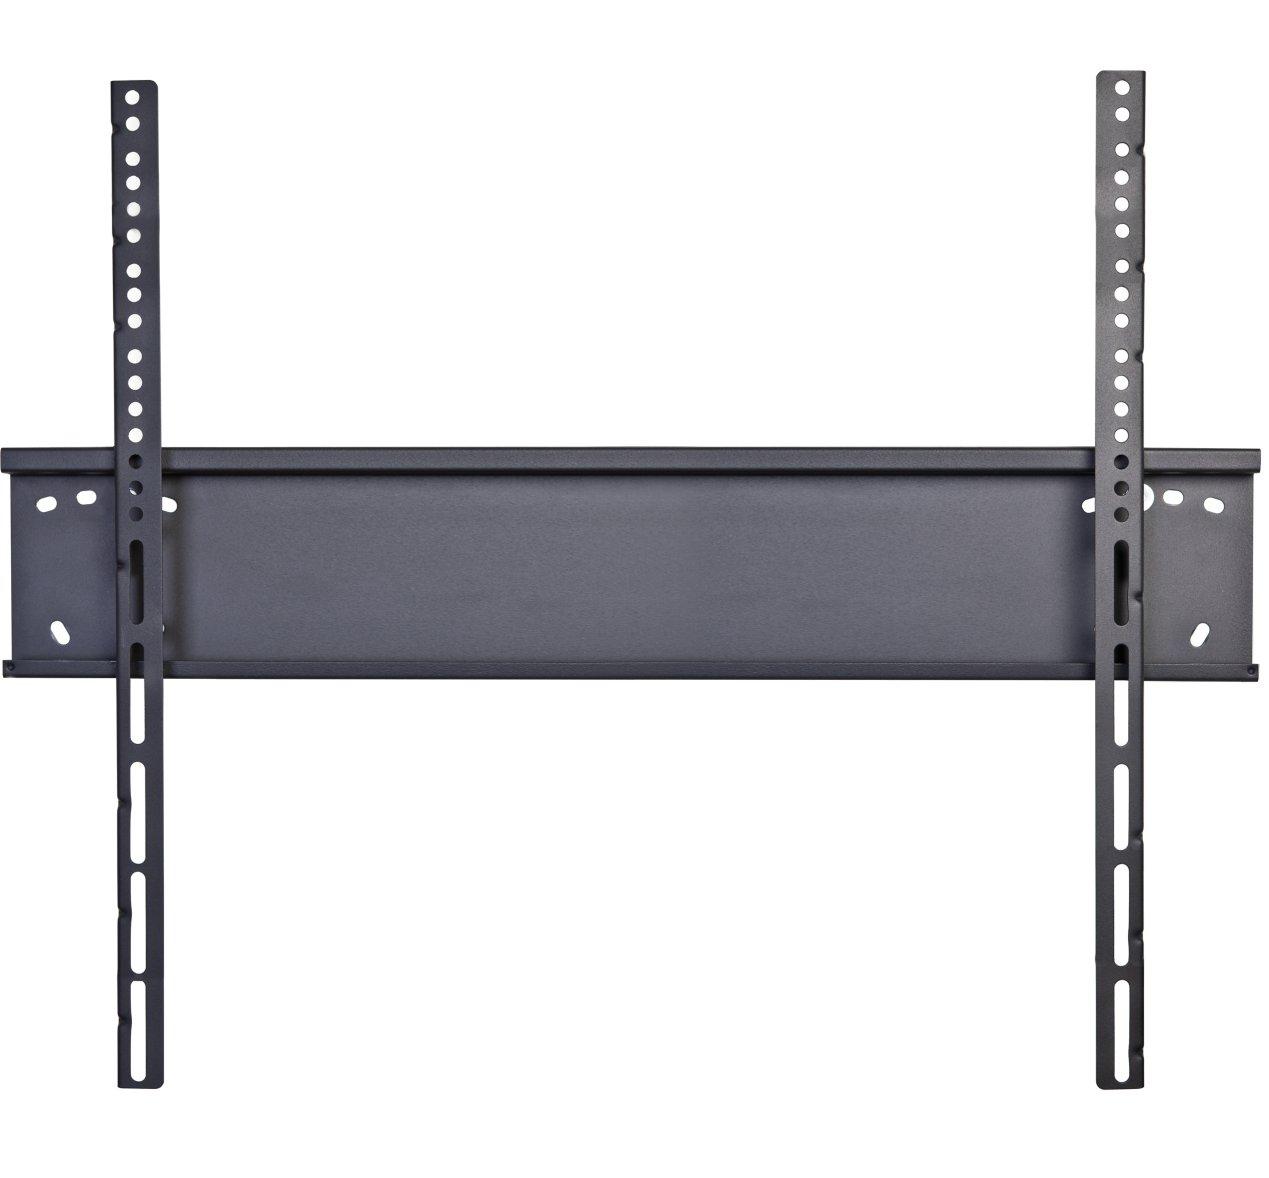 tv wandhalterung f r flachbildfernseher bis 80 zoll max belastbar bis 150 kg. Black Bedroom Furniture Sets. Home Design Ideas